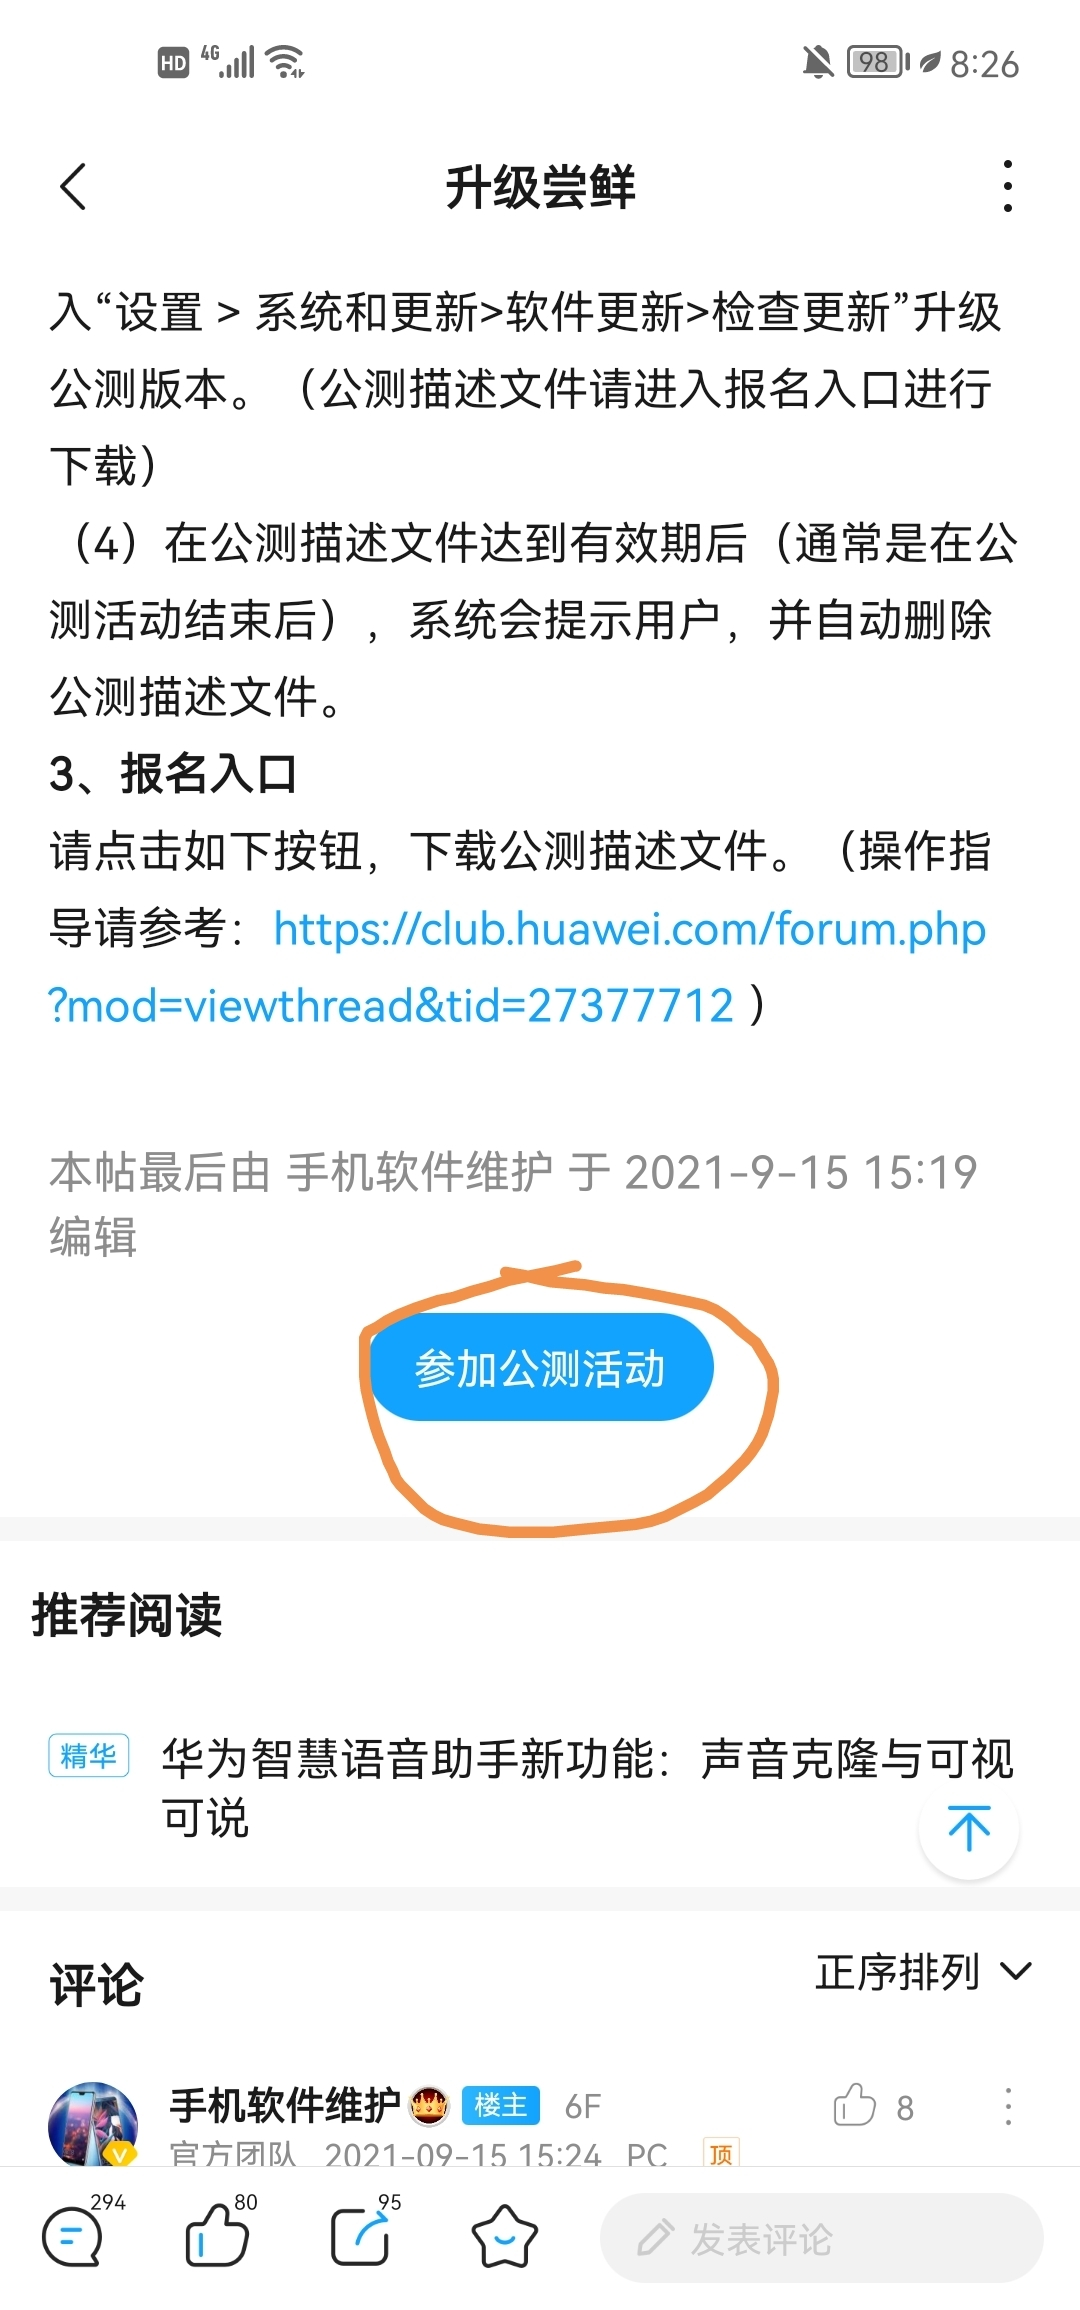 Screenshot_20210919_082604.jpg